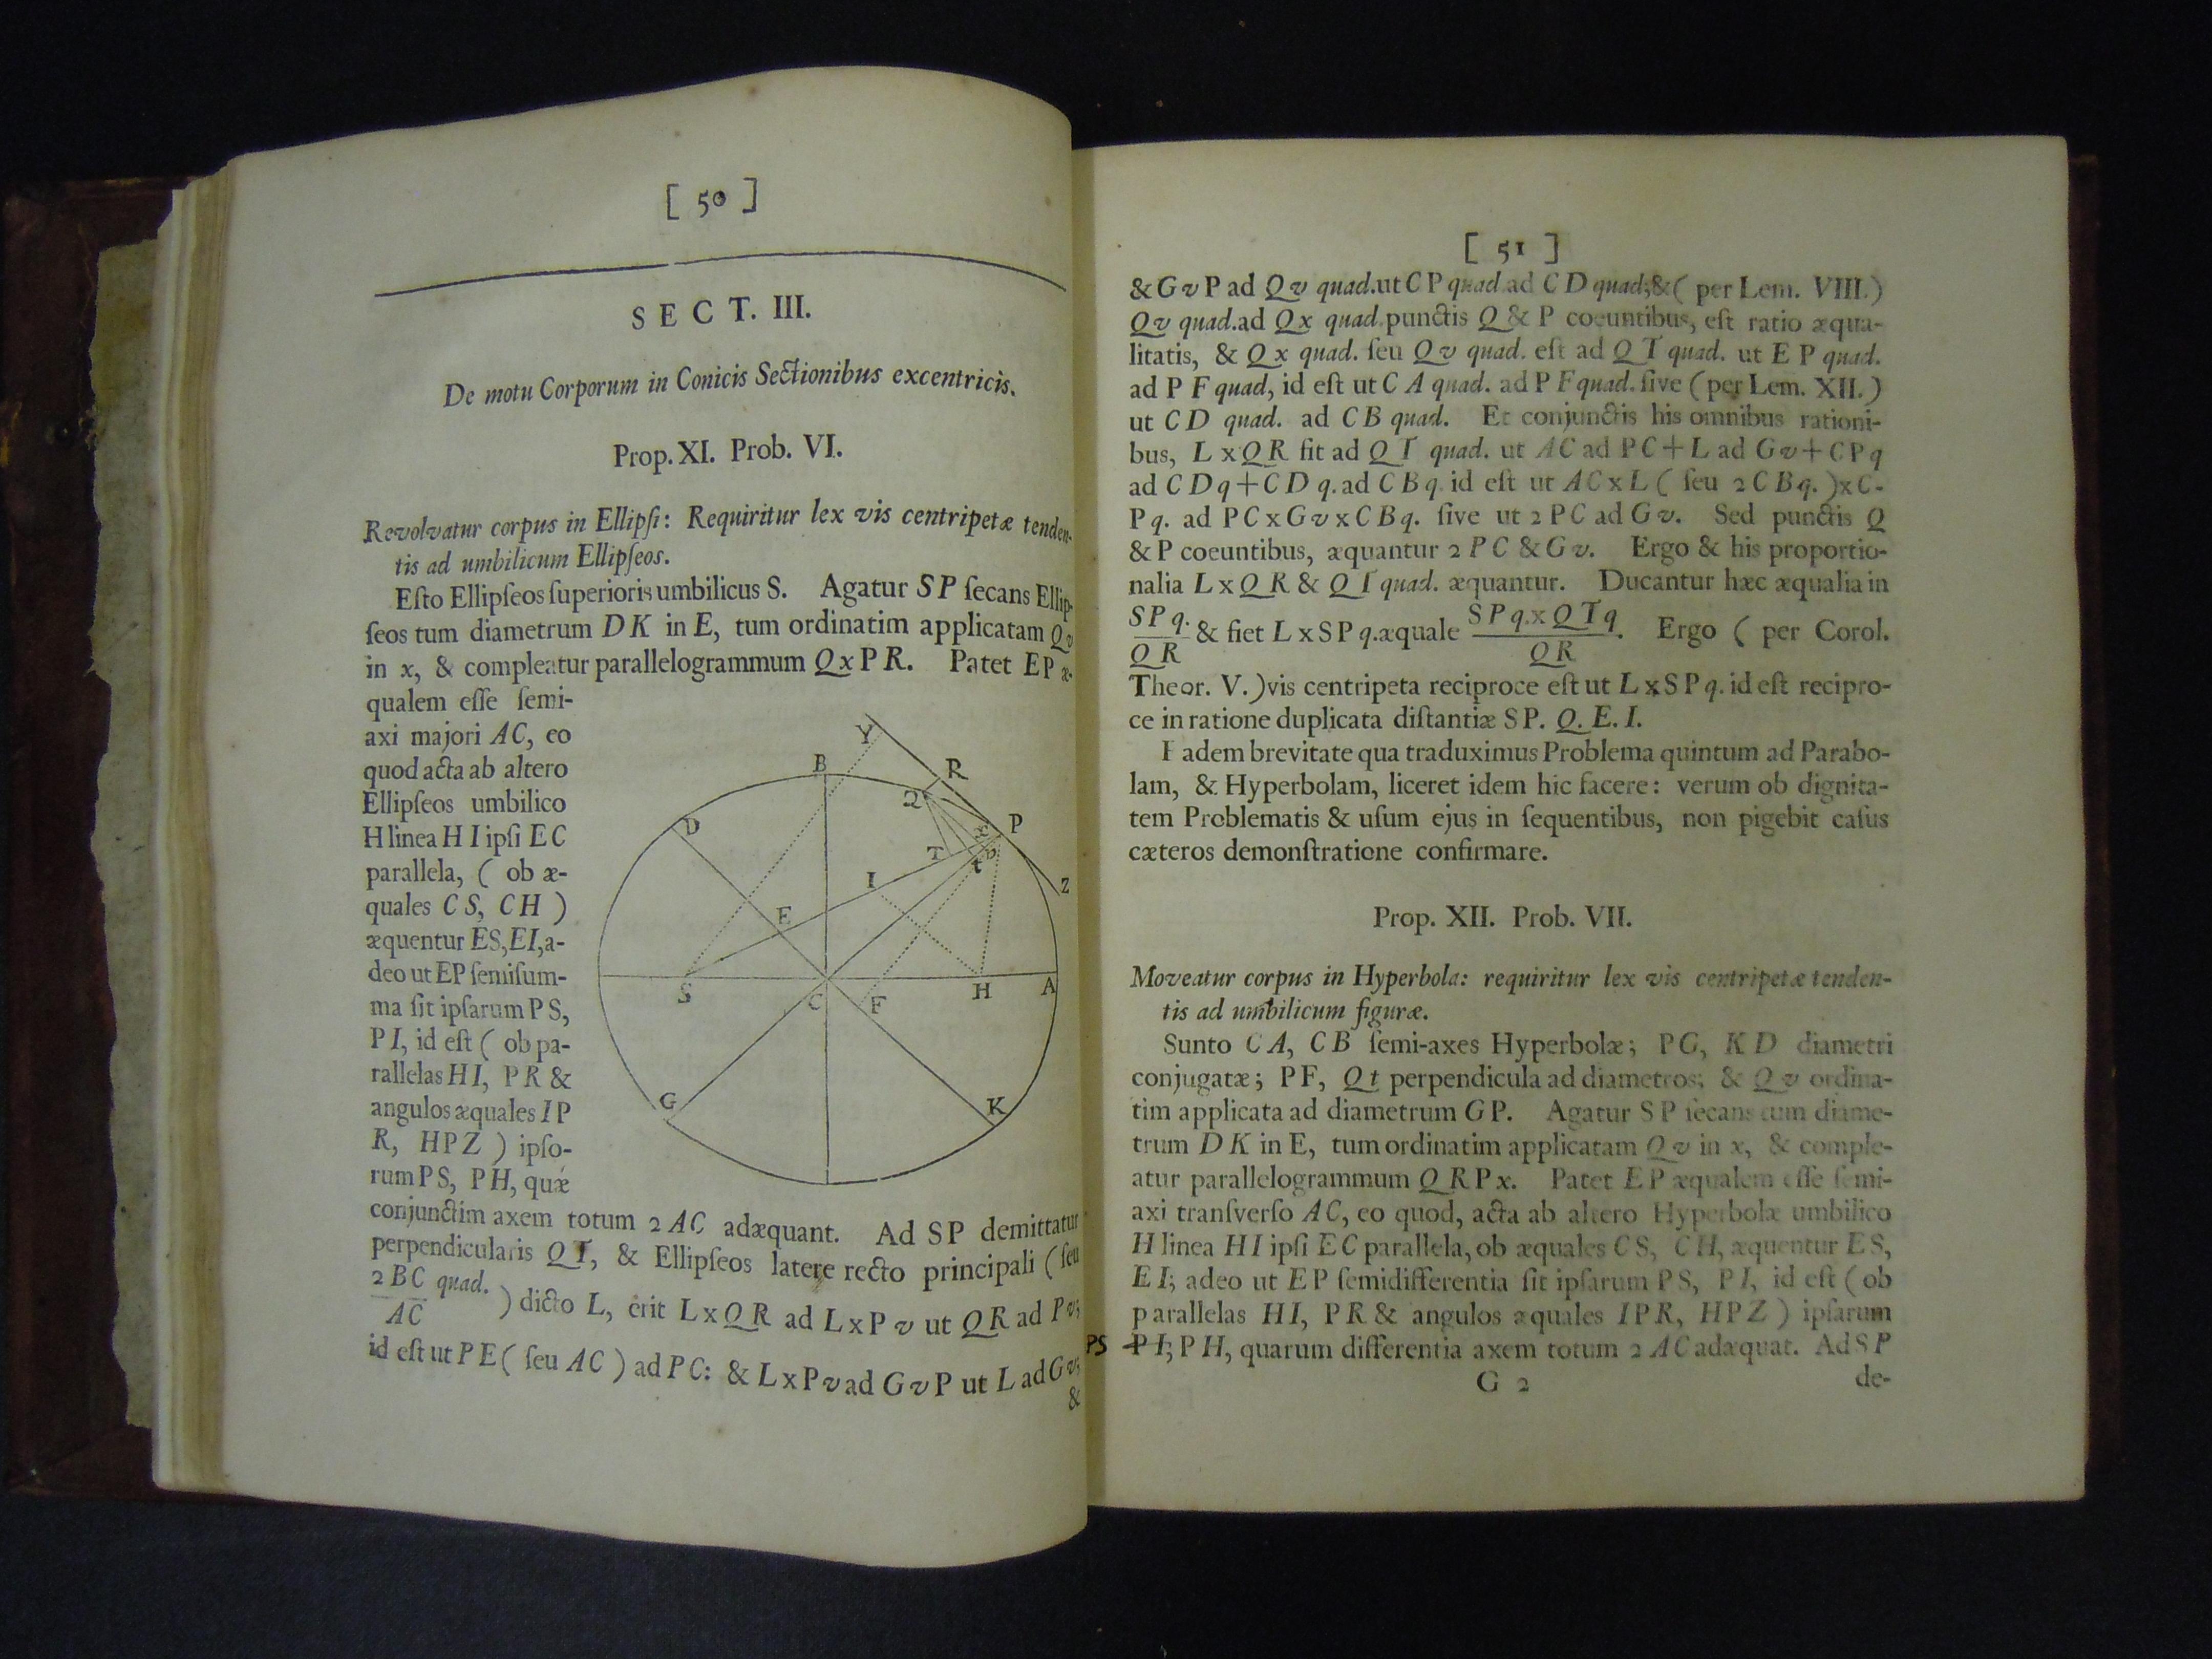 BT1.128.26, p.50-51, Isaac Newton's Philosophiæ naturalis principia mathematica, 1687